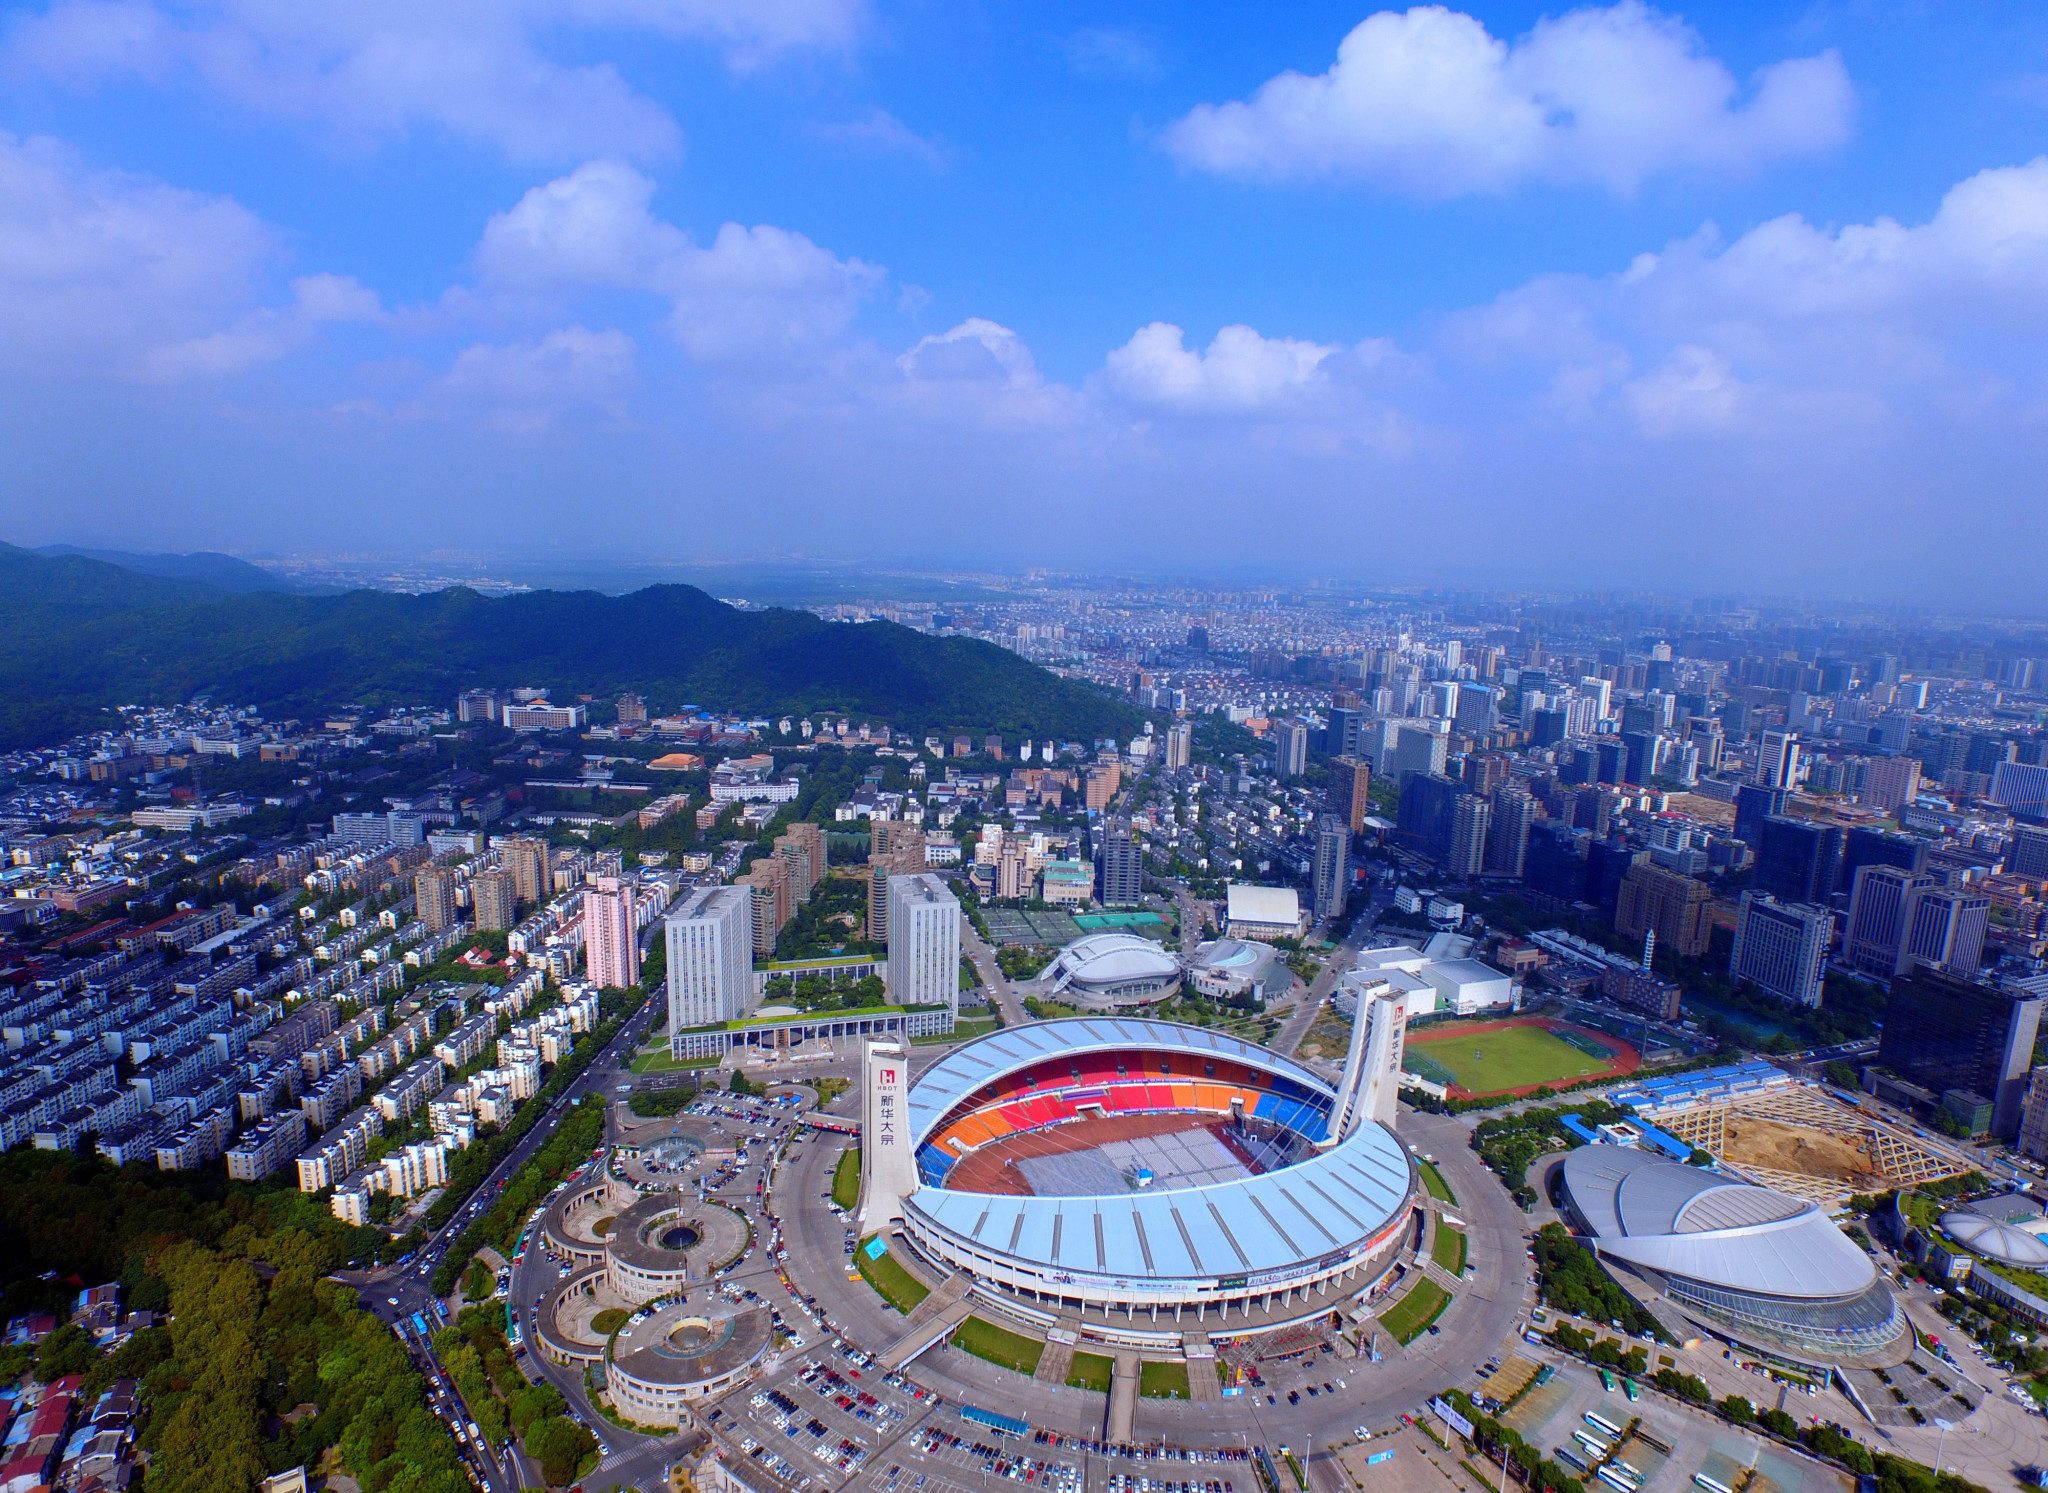 Hangzhou 2022 and Aichi-Nagoya 2026 organisers hold online work meeting